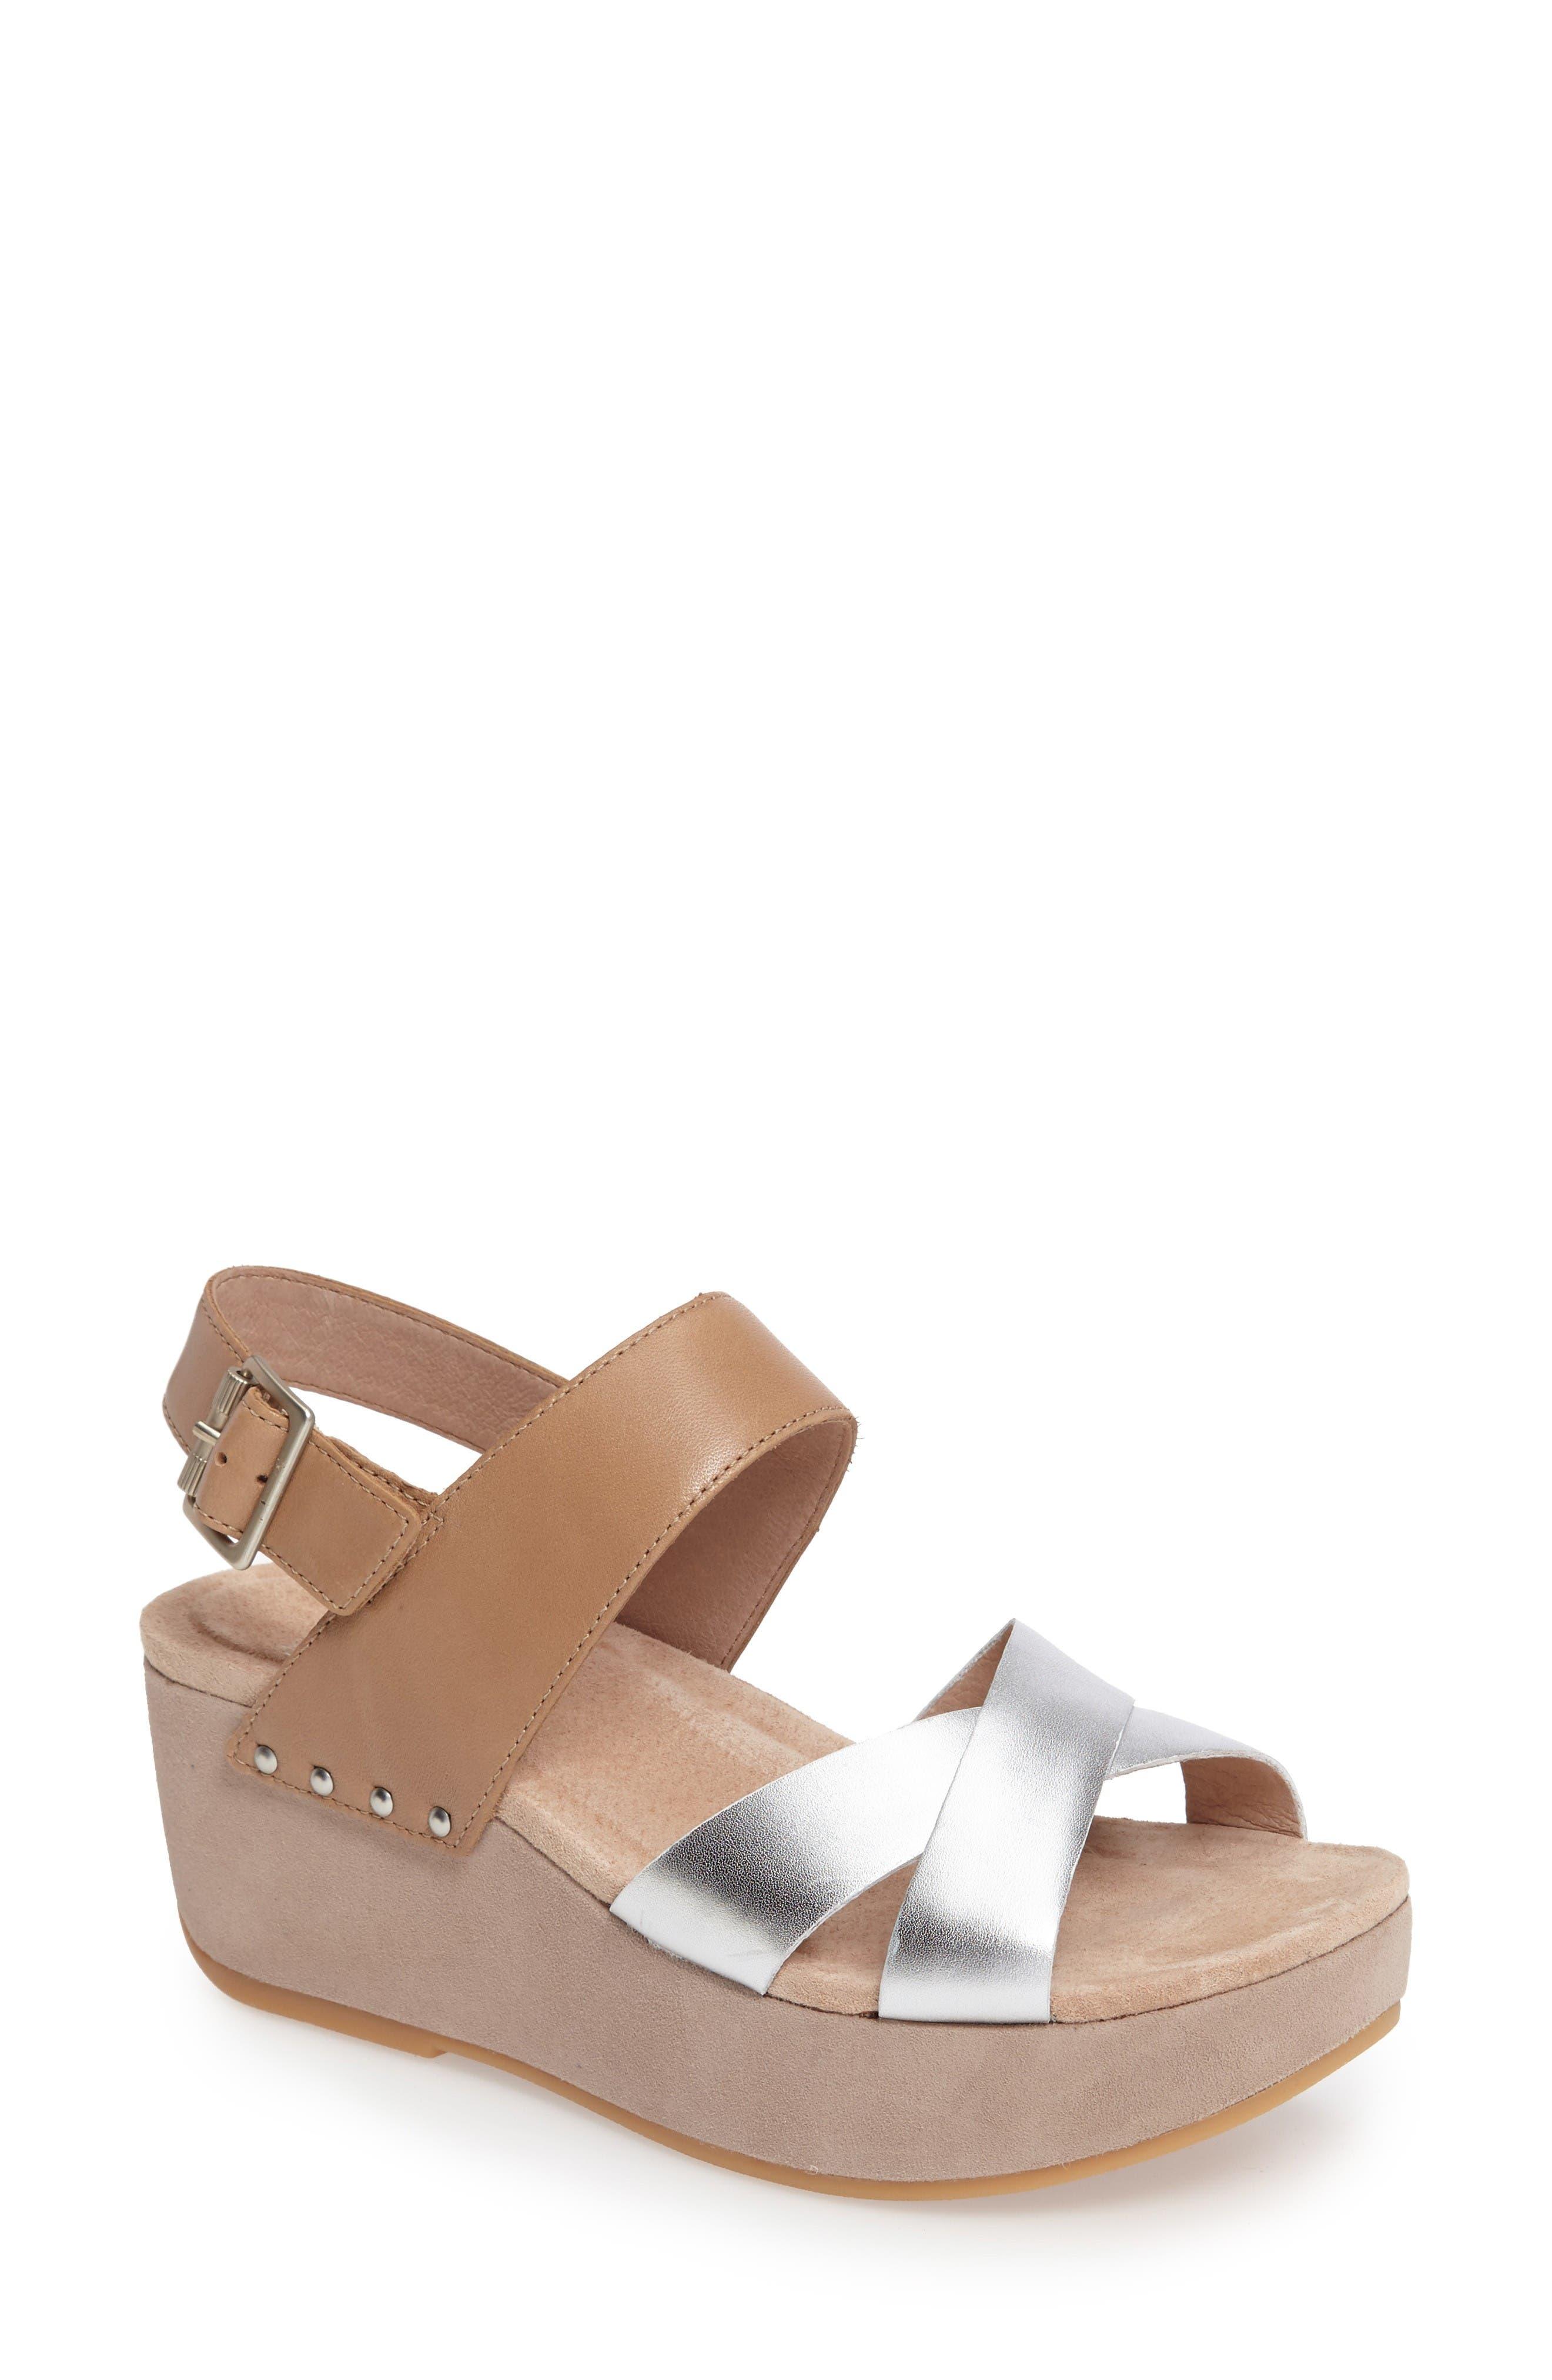 Dansko Stasia Platform Wedge Sandal (Women)